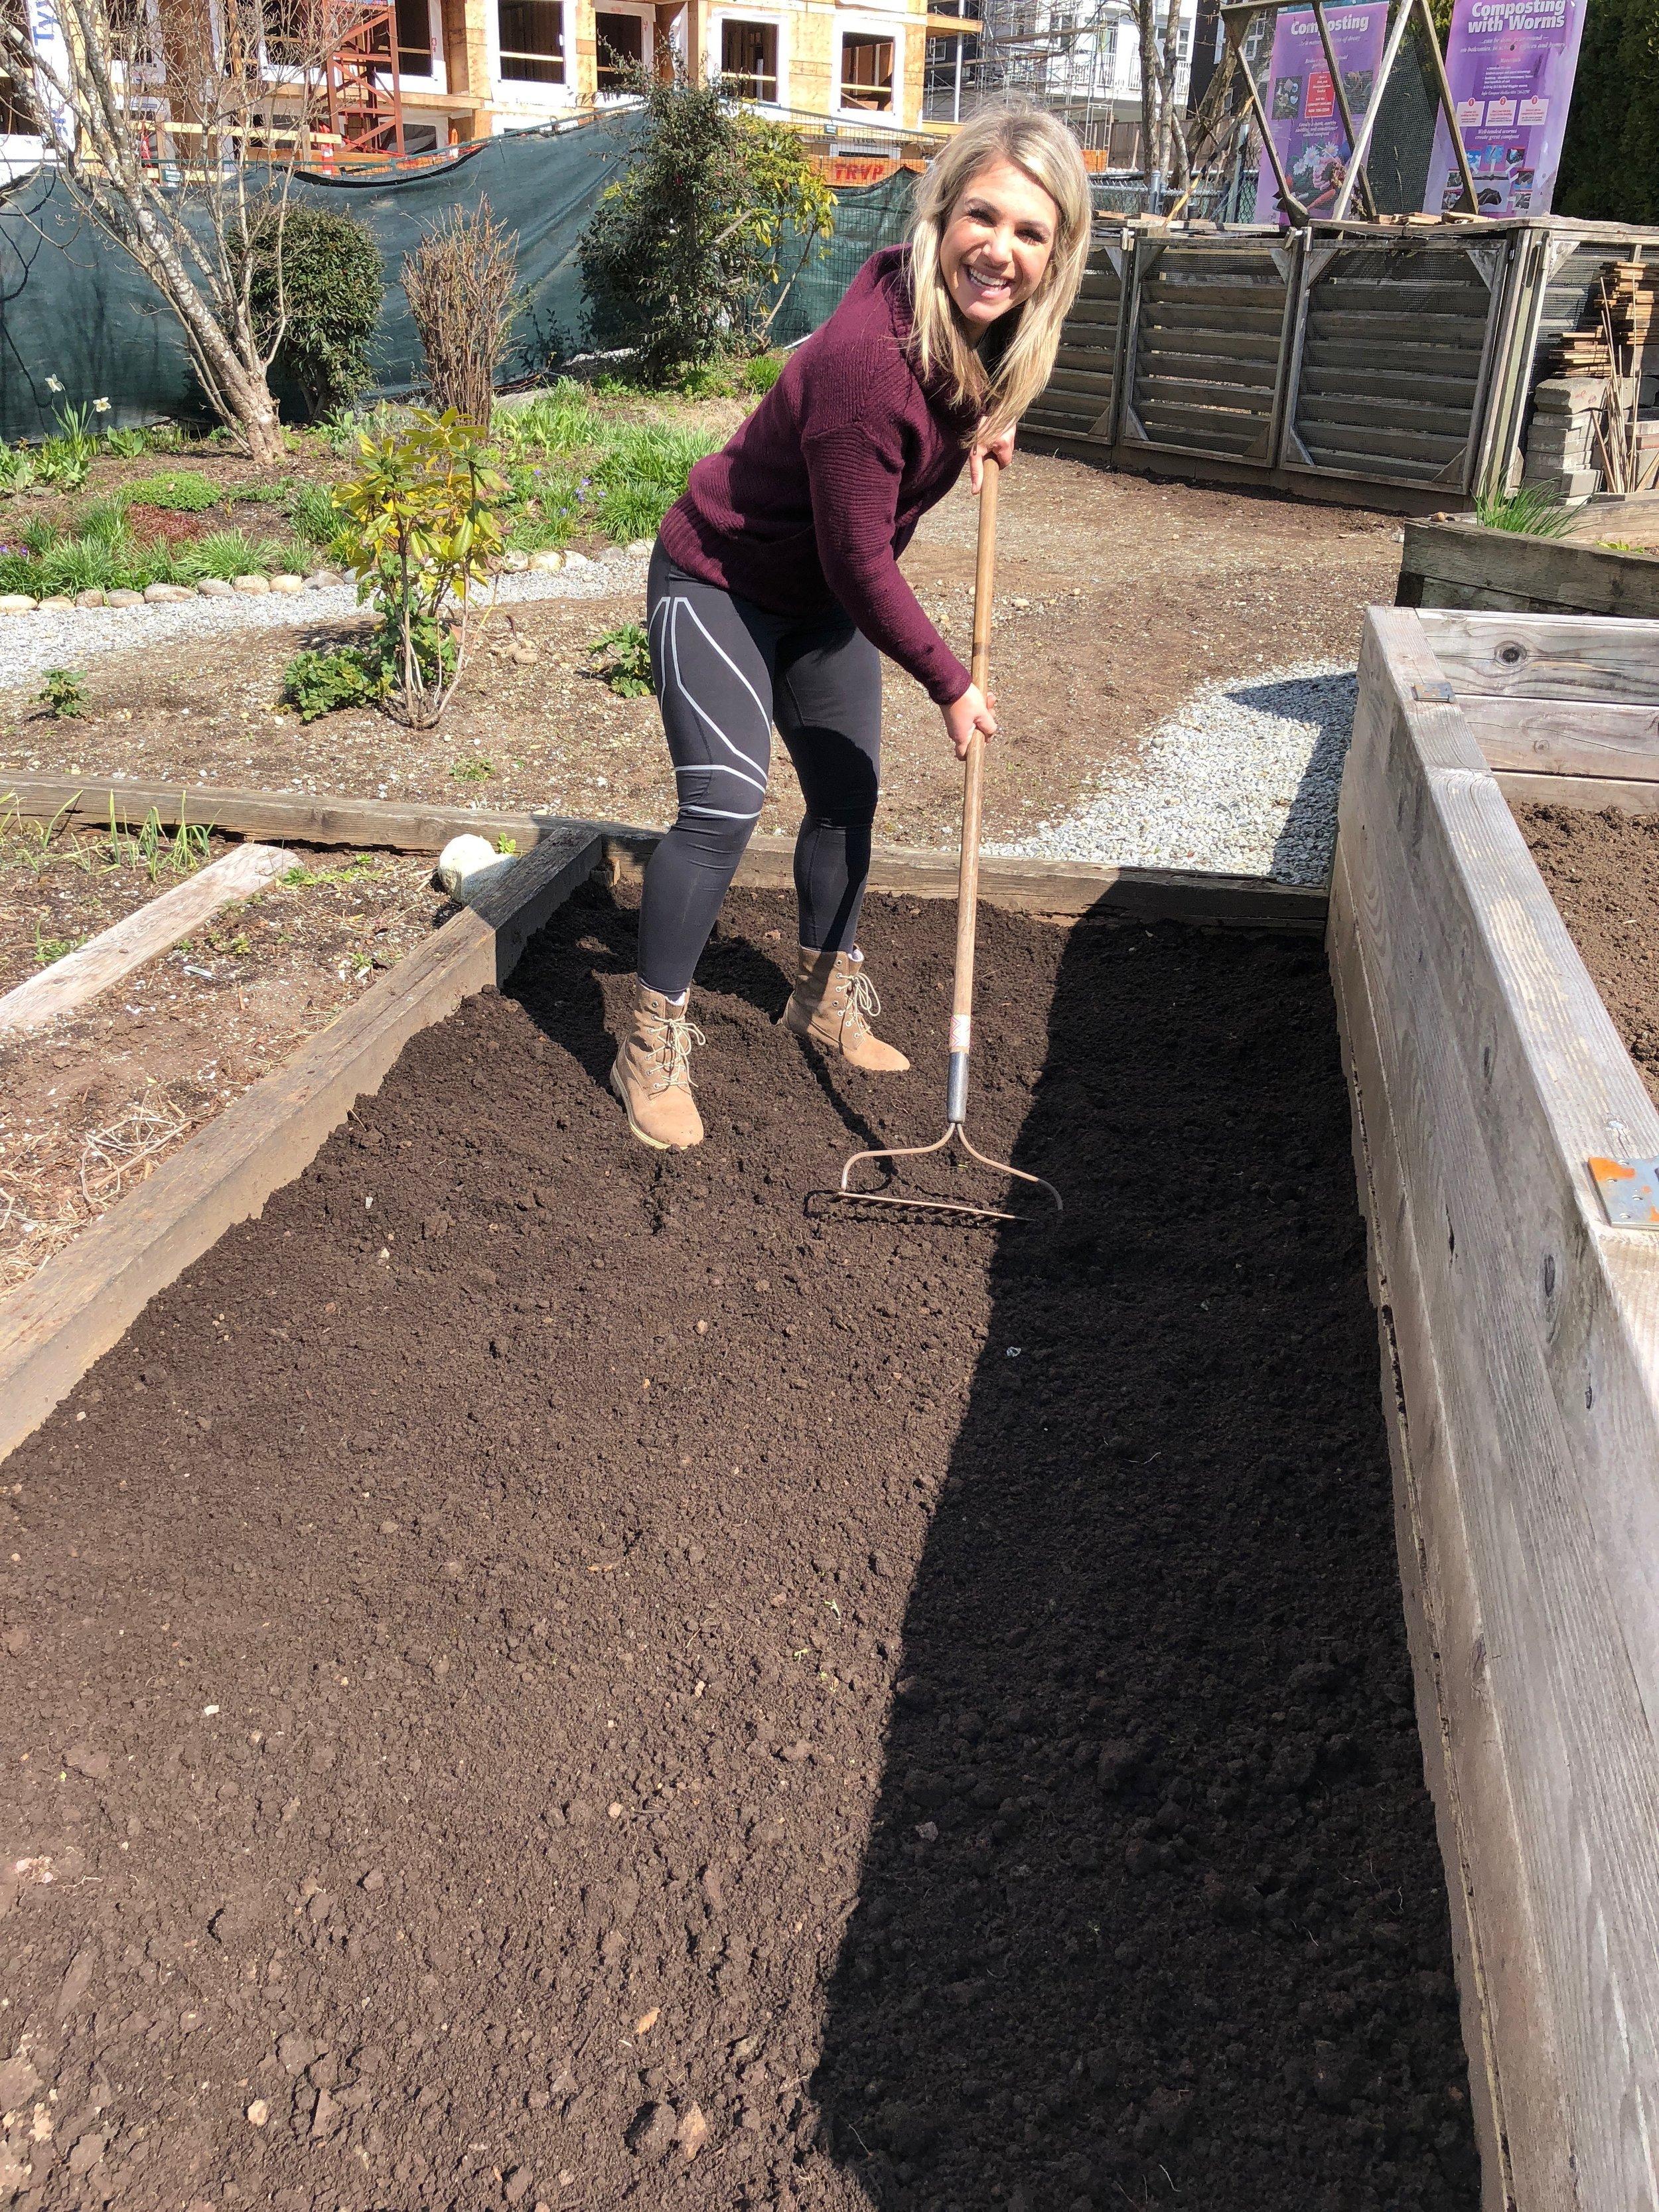 Working away in my community garden!